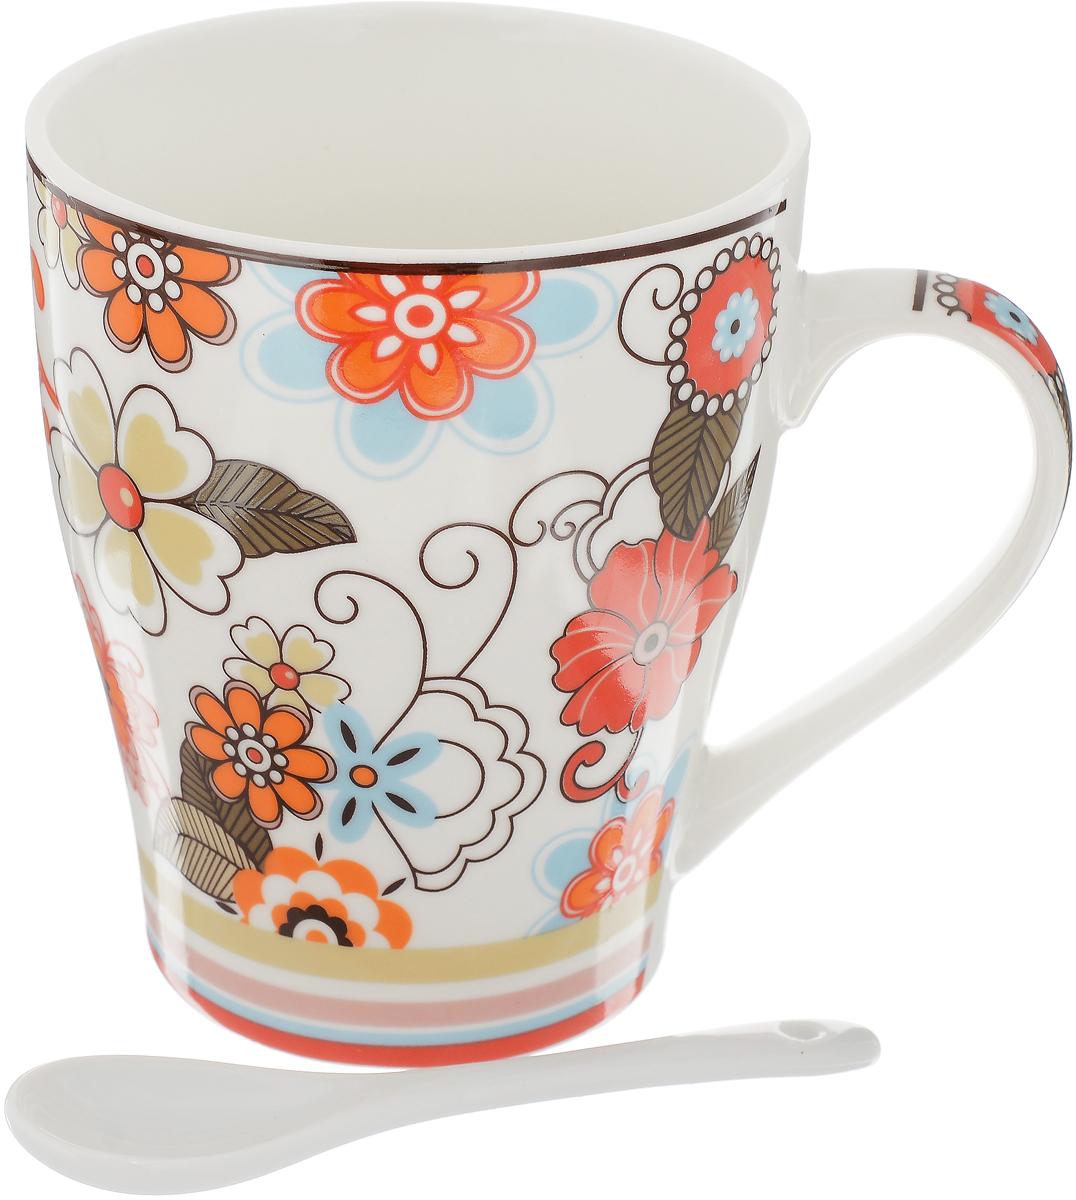 """Кружка Доляна """"Мария"""" изготовлена из высококачественной керамики. Изделие оформлено красочным рисунком и покрыто превосходной сверкающей глазурью. Изысканная кружка прекрасно оформит стол к чаепитию и станет его неизменным атрибутом.В комплект входит чайная ложка."""